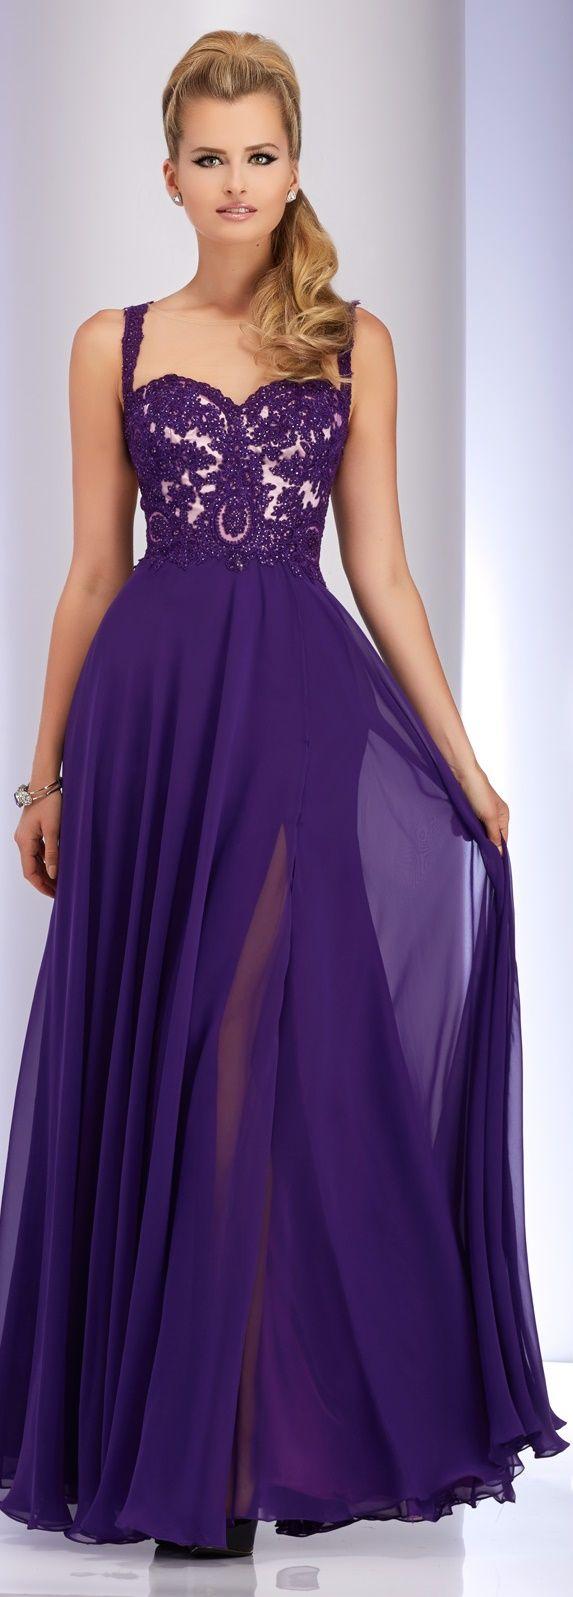 Clarisse Prom Dress 2769 | Vestiditos, Vestidos de noche y Damas de ...